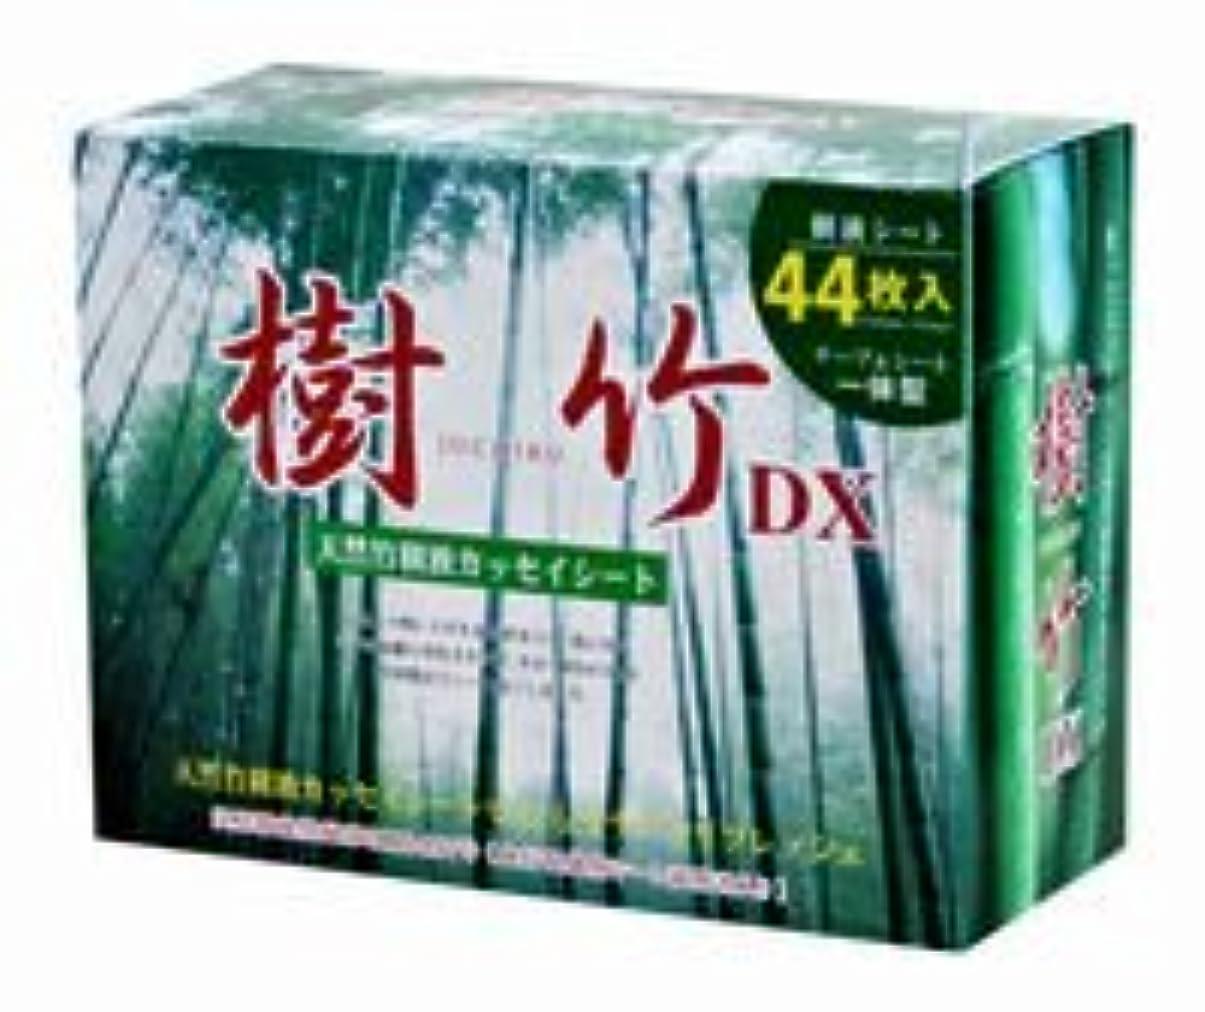 採用する達成比較的樹竹DX 44枚入